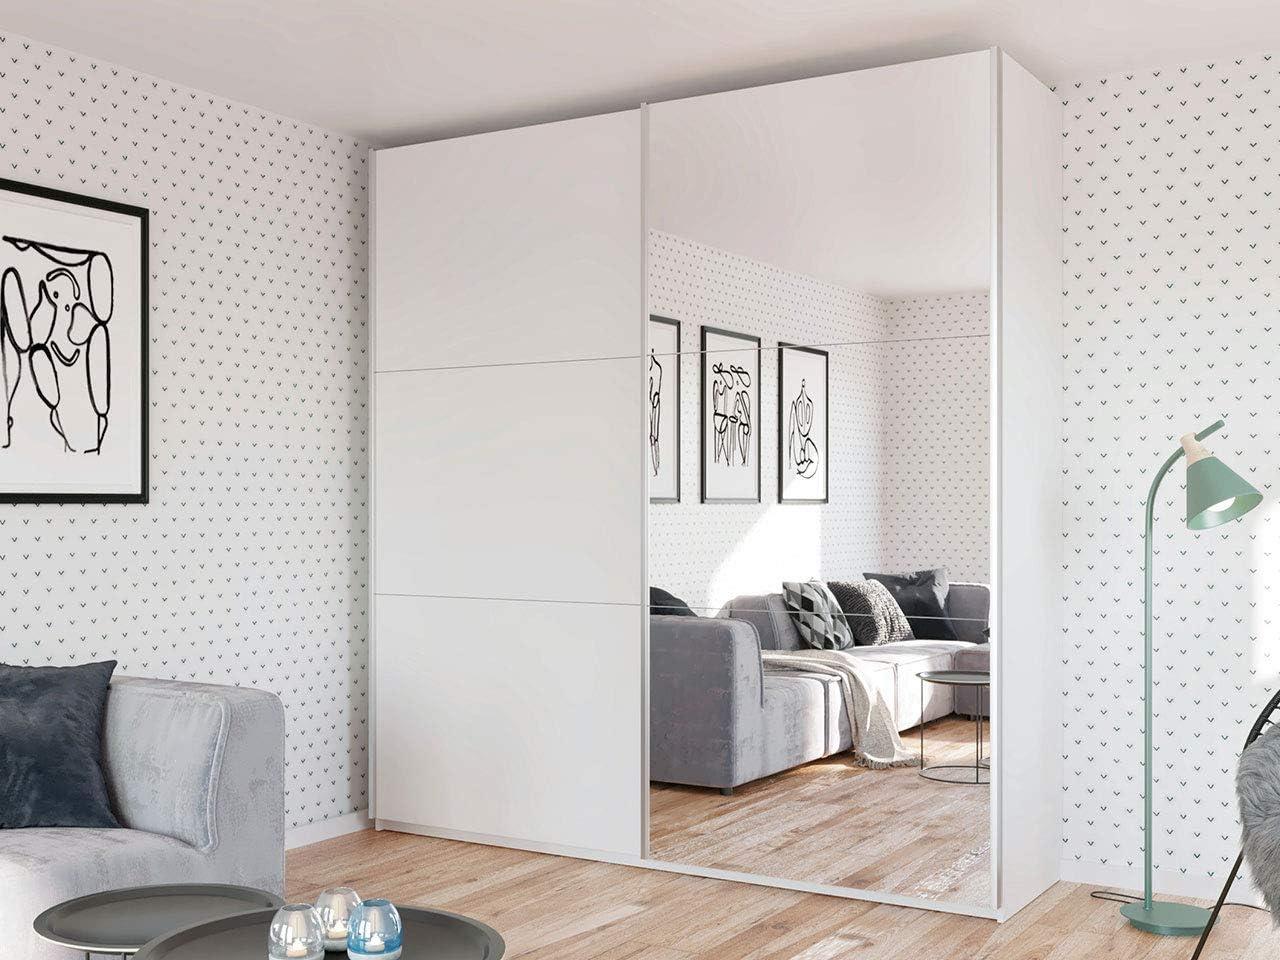 Mirjan24 Magnus - Armario de puertas correderas con espejo para dormitorio, armario con mucho espacio de almacenamiento, armario, vestíbulo, elegante armario para el dormitorio: Amazon.es: Juguetes y juegos